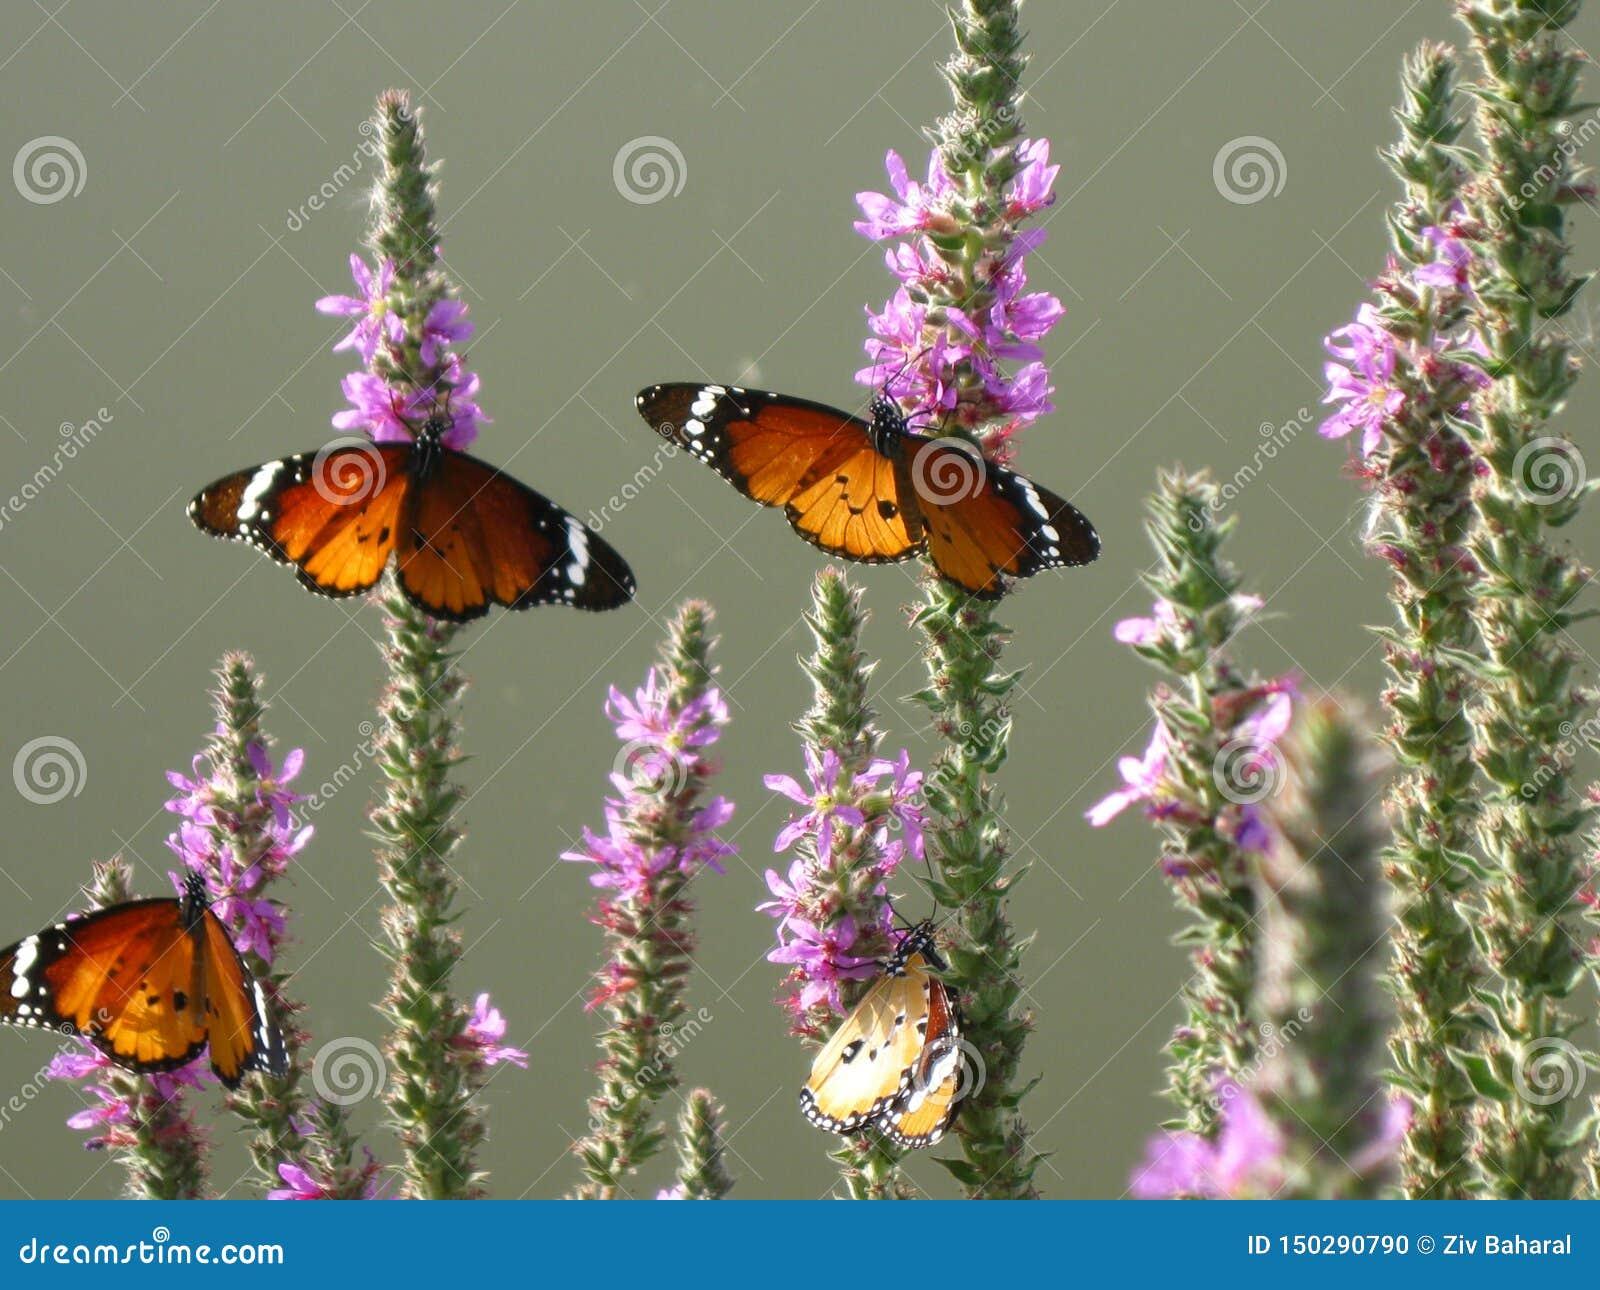 Πεταλούδες σε εγκαταστάσεις στο φυσικό βιότοπό τους